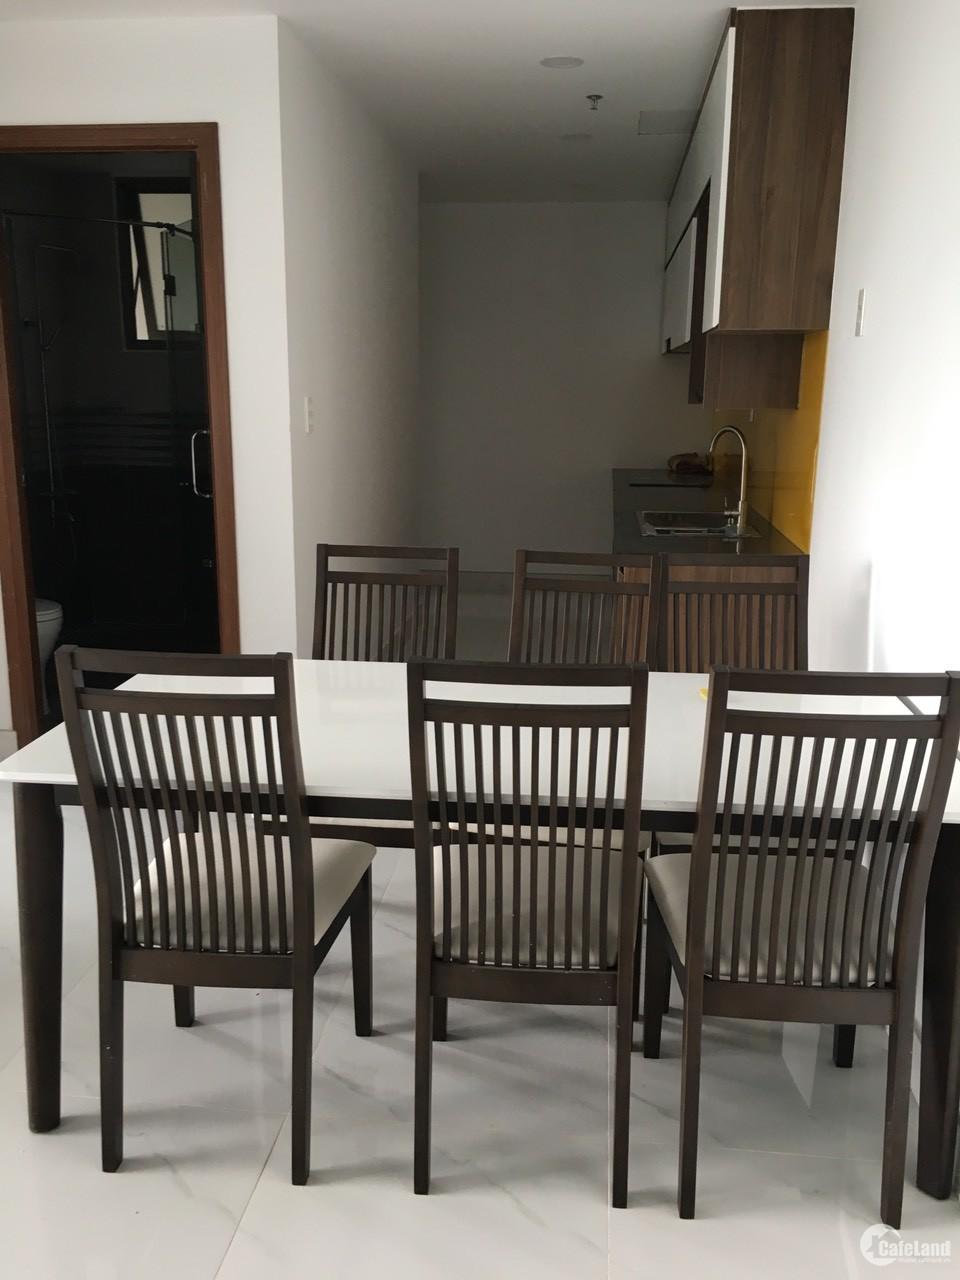 Bán gấp căn hộ Hưng Phúc Happy Residence-78m2-2PN,2WC, Gía rẻ nhất thị trường 3,45 tỷ.